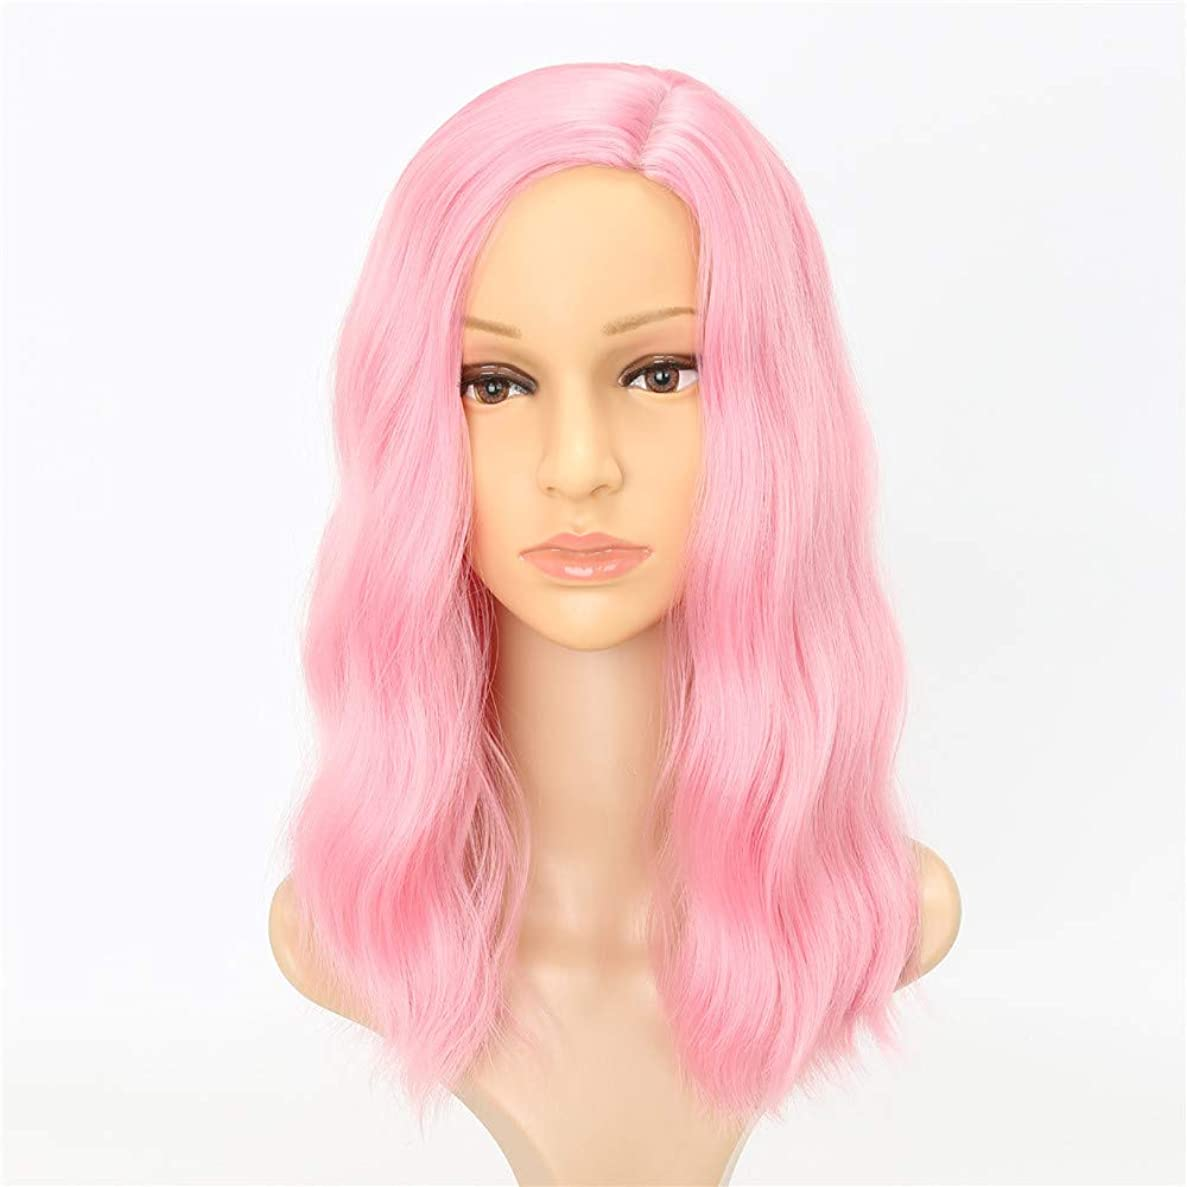 ファイアル端末タイプヘアピースピンクウィッグ波状女性かつら高温繊維人工毛ウィッグロングコスプレウィッグ用女性パーティー、ハロウィン18インチ